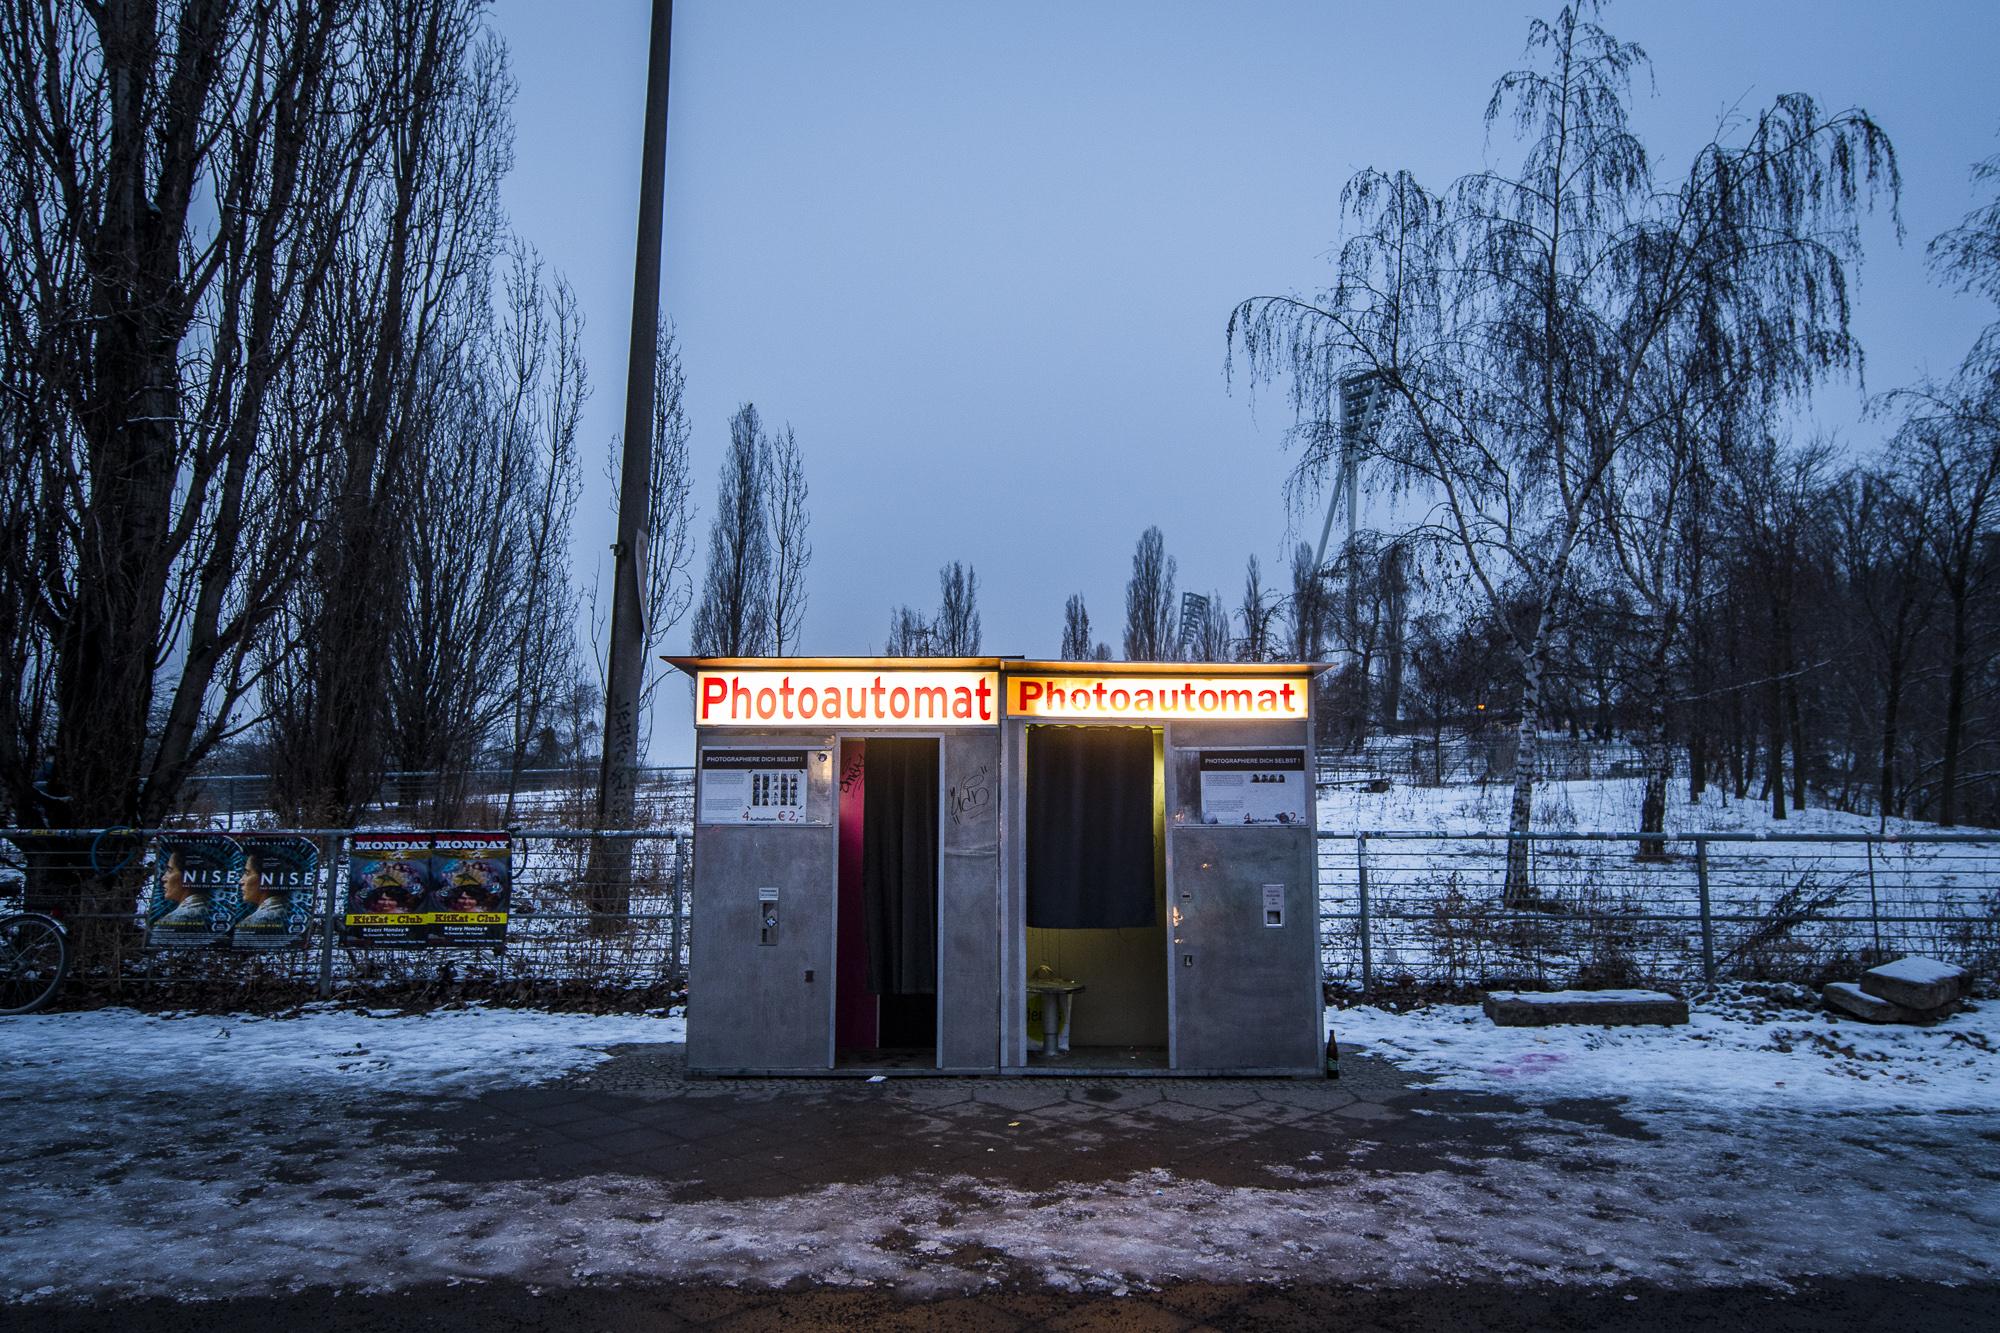 Mauerpark  PHOTOGRAPHY: ALEXANDER J.E. BRADLEY • NIKON D500 • AF-S NIKKOR 14-24MM F/2.8G ED @ 14MM • F/4 • 1/30 • ISO 800